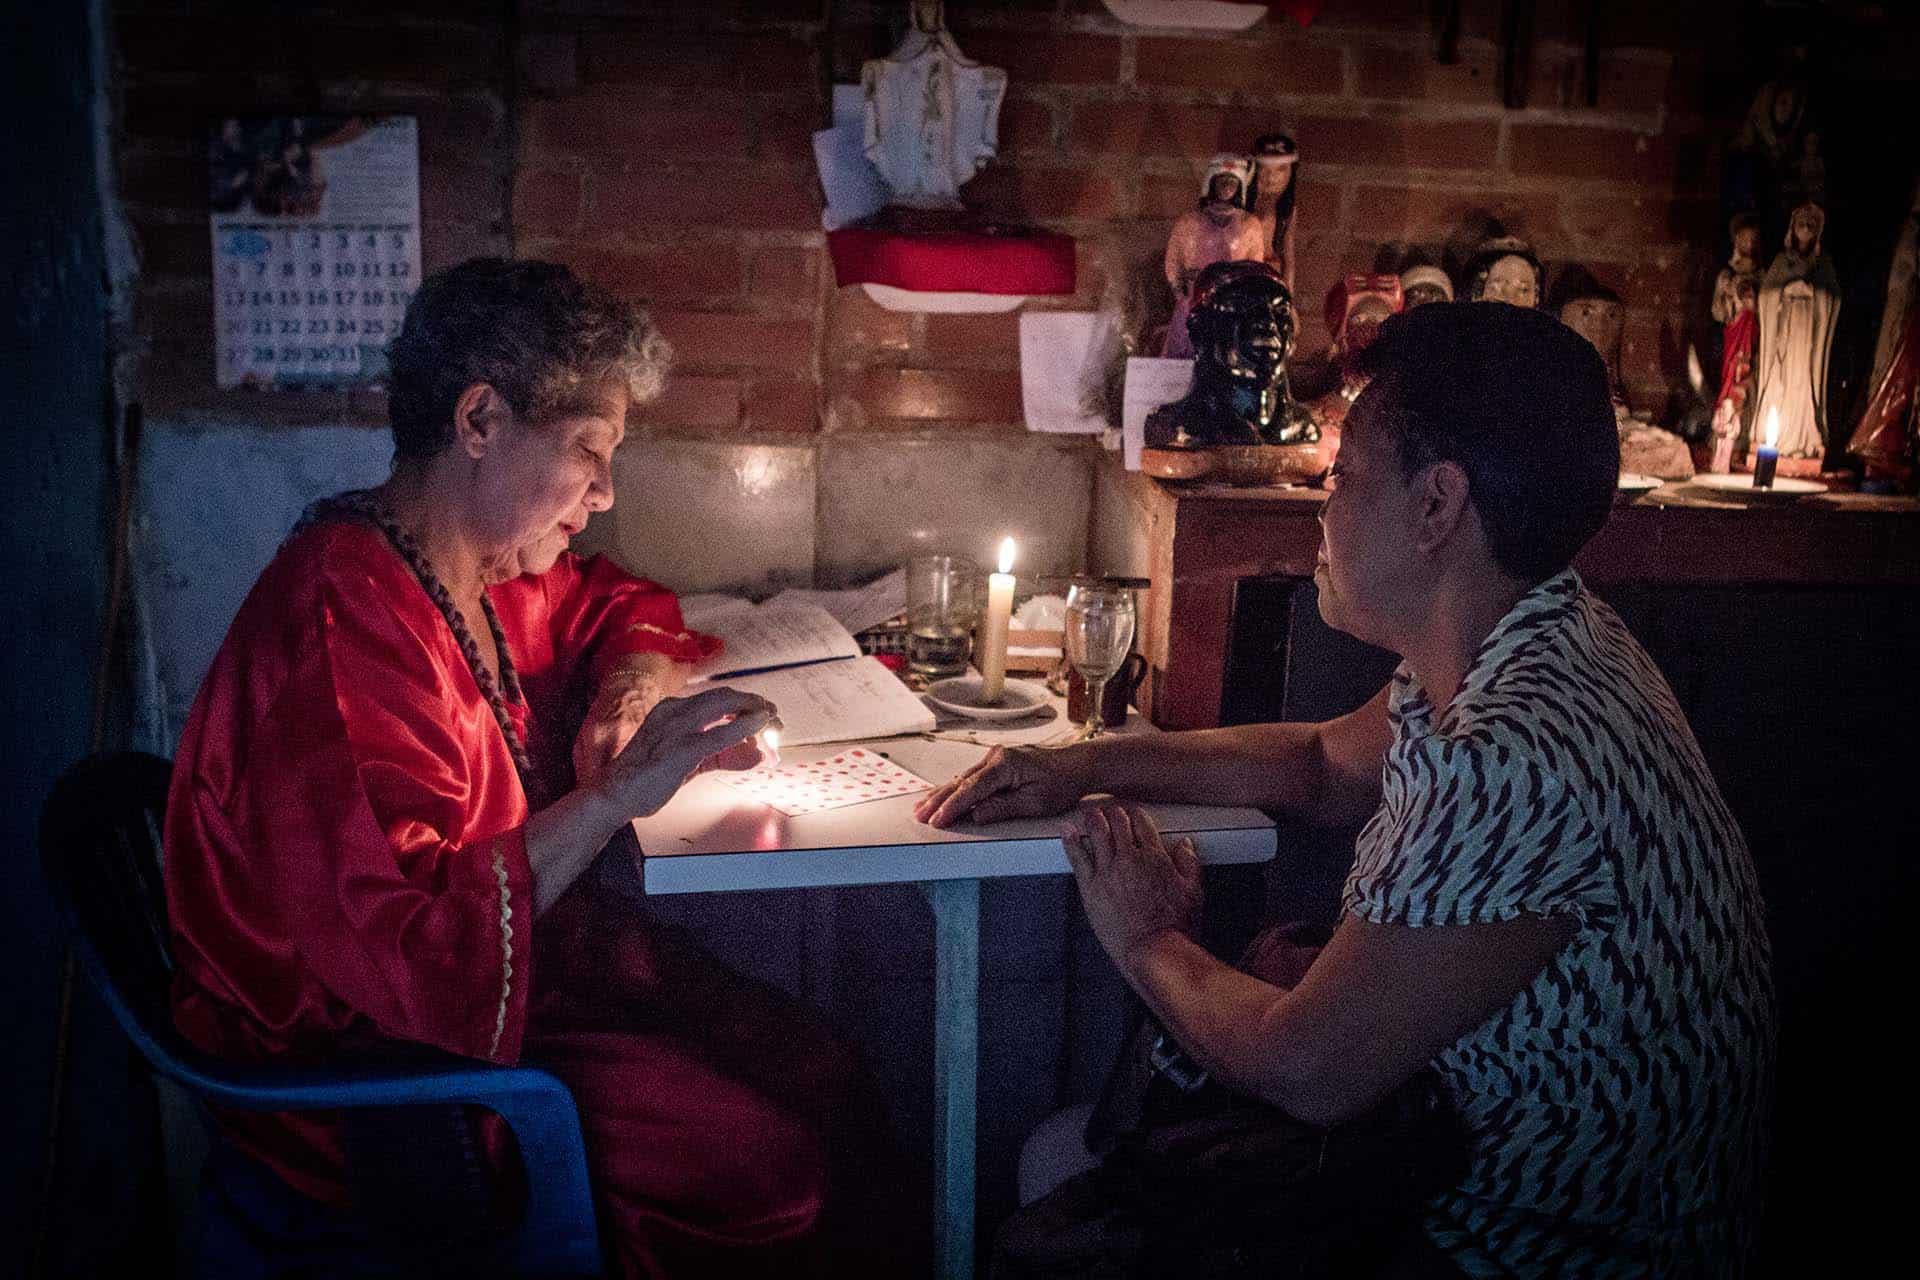 El callejón de los brujos en Venezuela